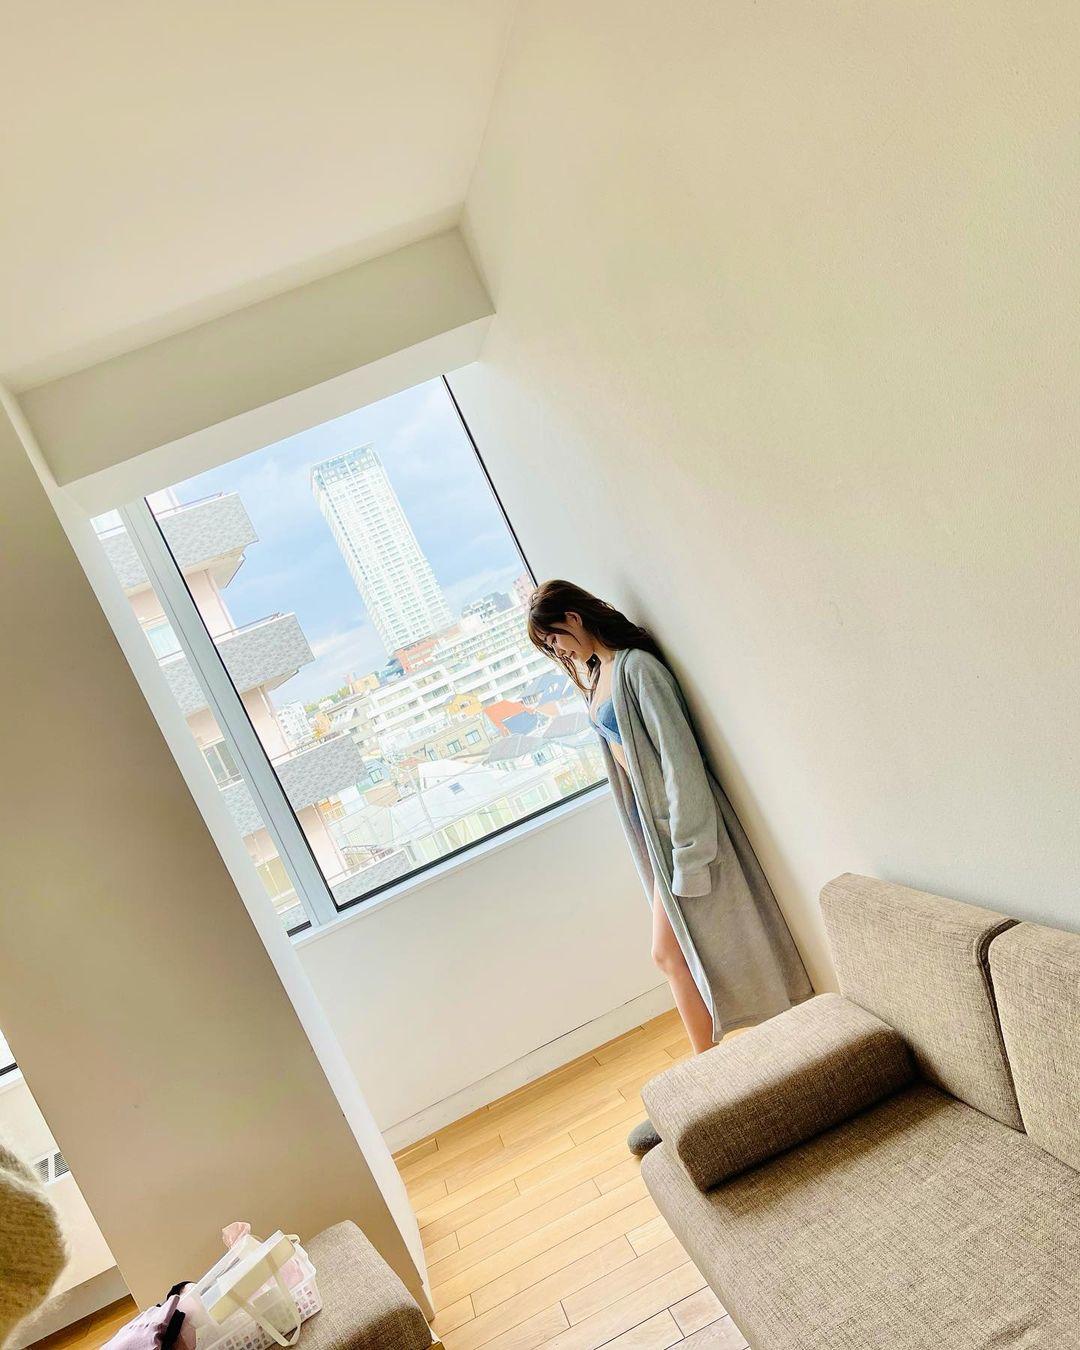 元NMB48渡辺美優紀「清潔感あるインナーウェア姿…」雑誌掲載のオフショットを披露にファン歓喜【画像5枚】の画像004